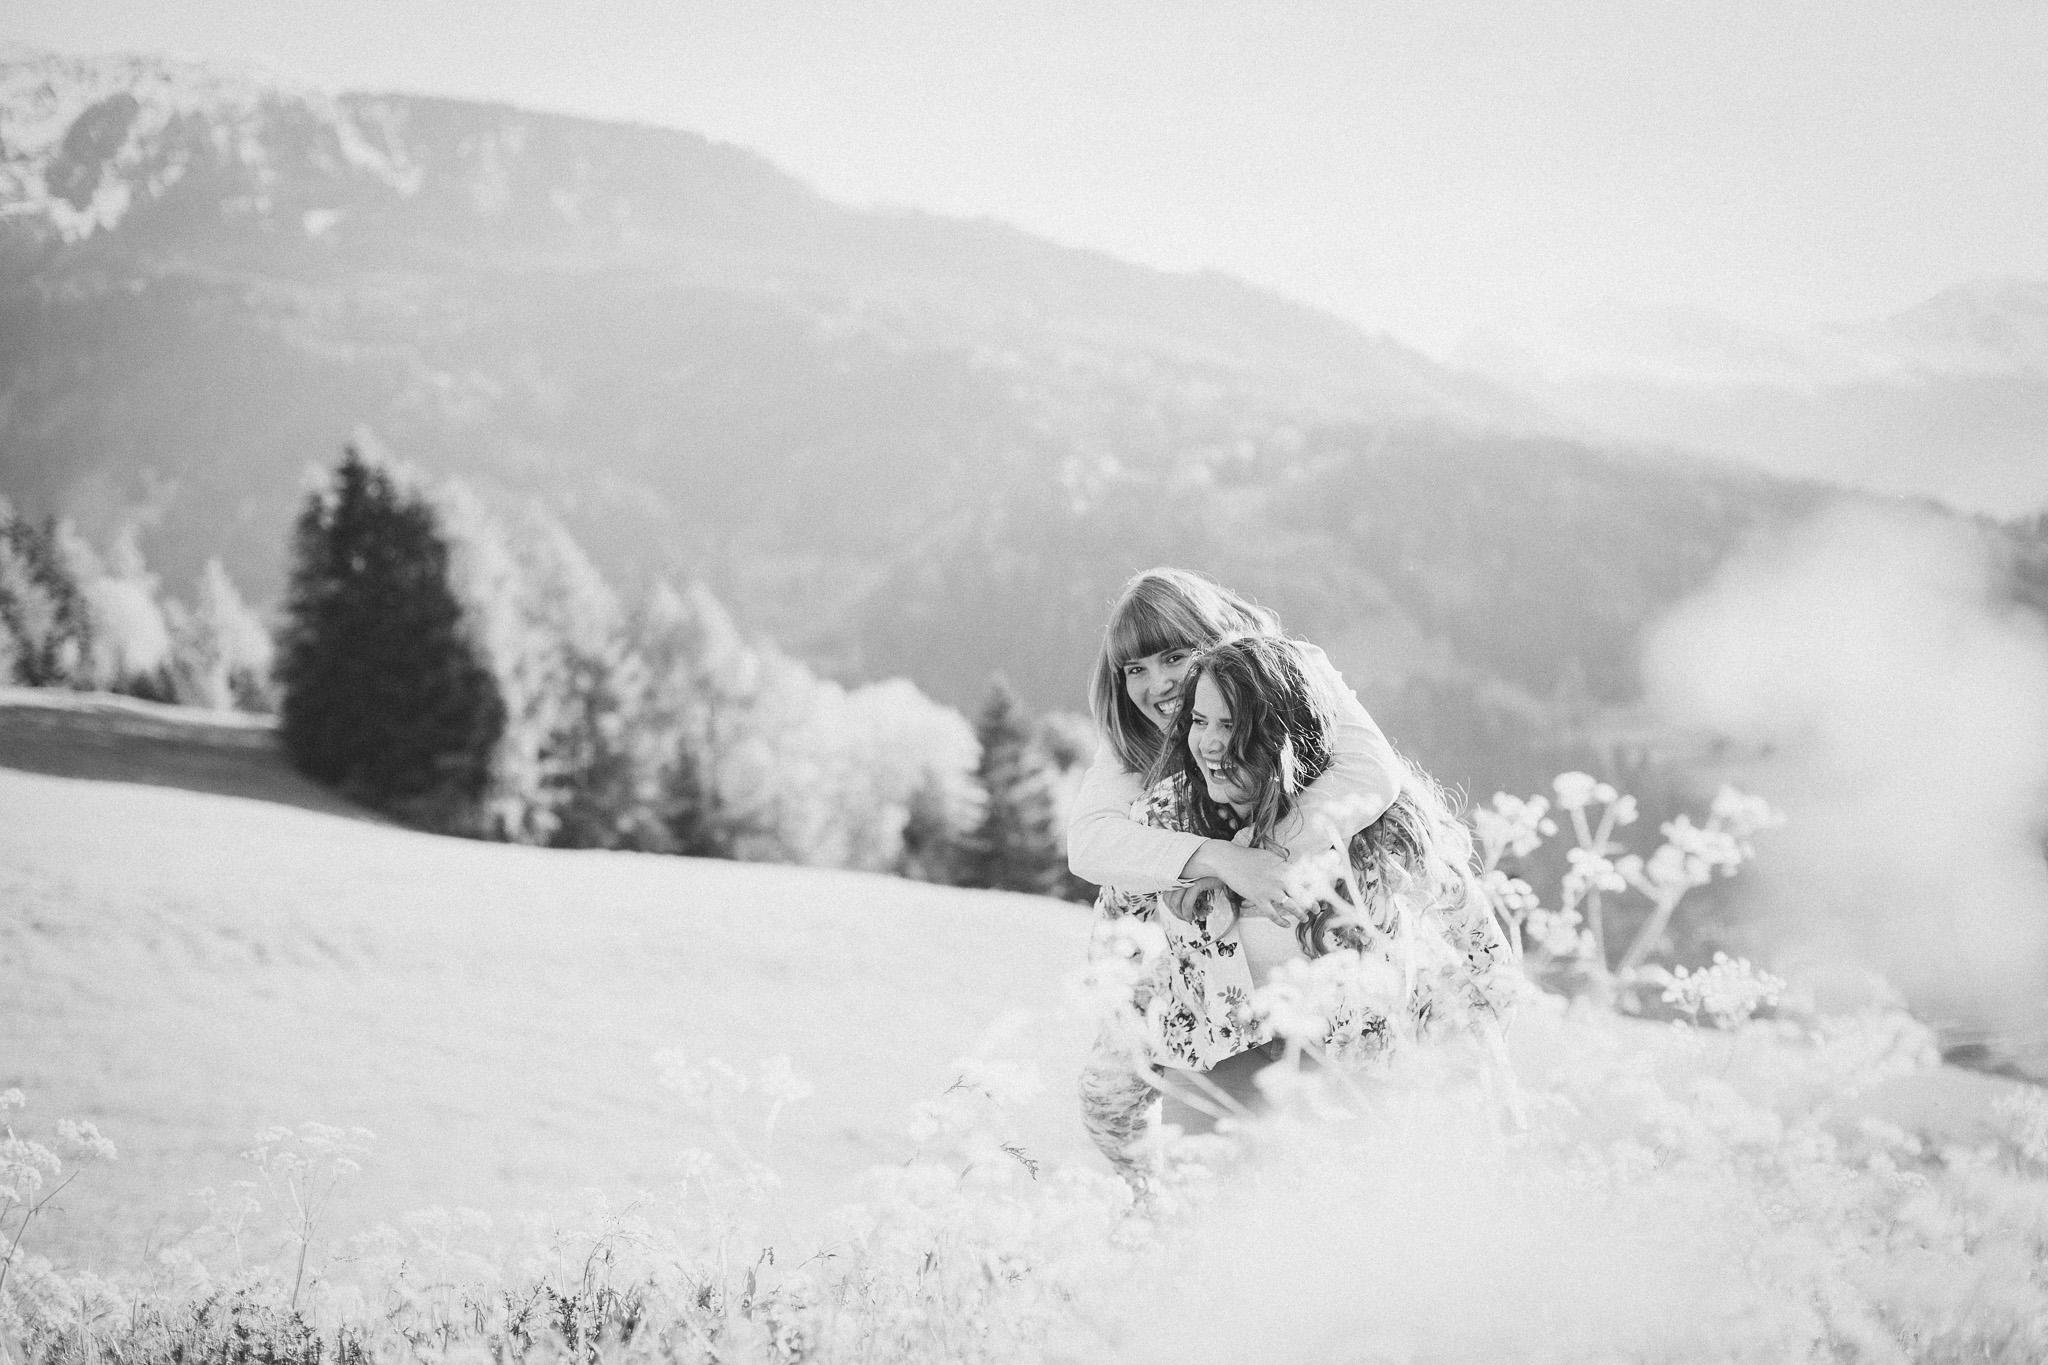 Die Lichtbildnerei Julia Hammerle - Fotografin in Tirol